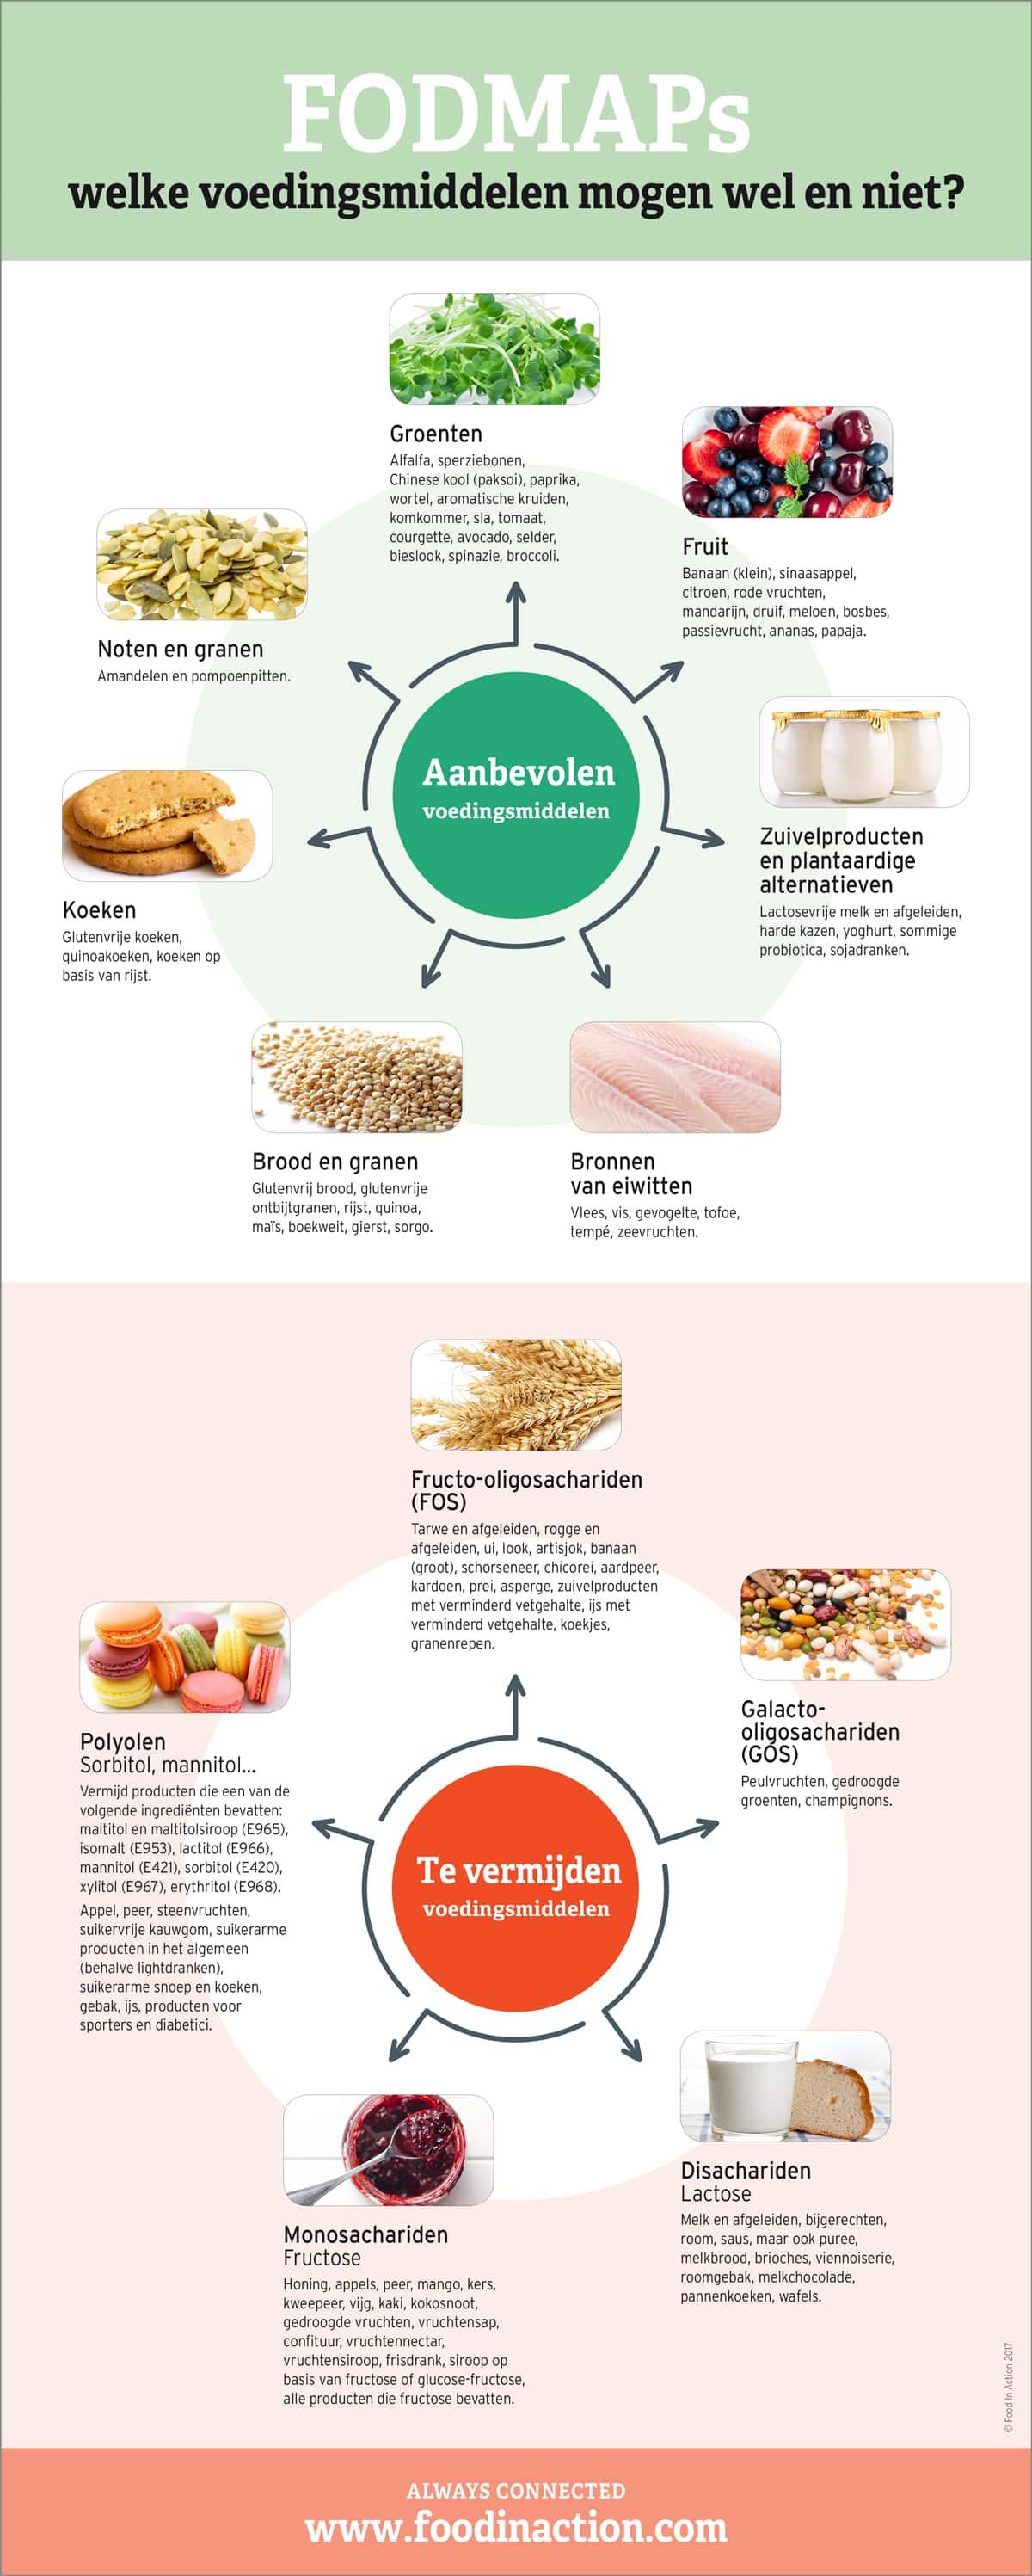 nutrigraphics-fodmaps-voedingsmiddelen